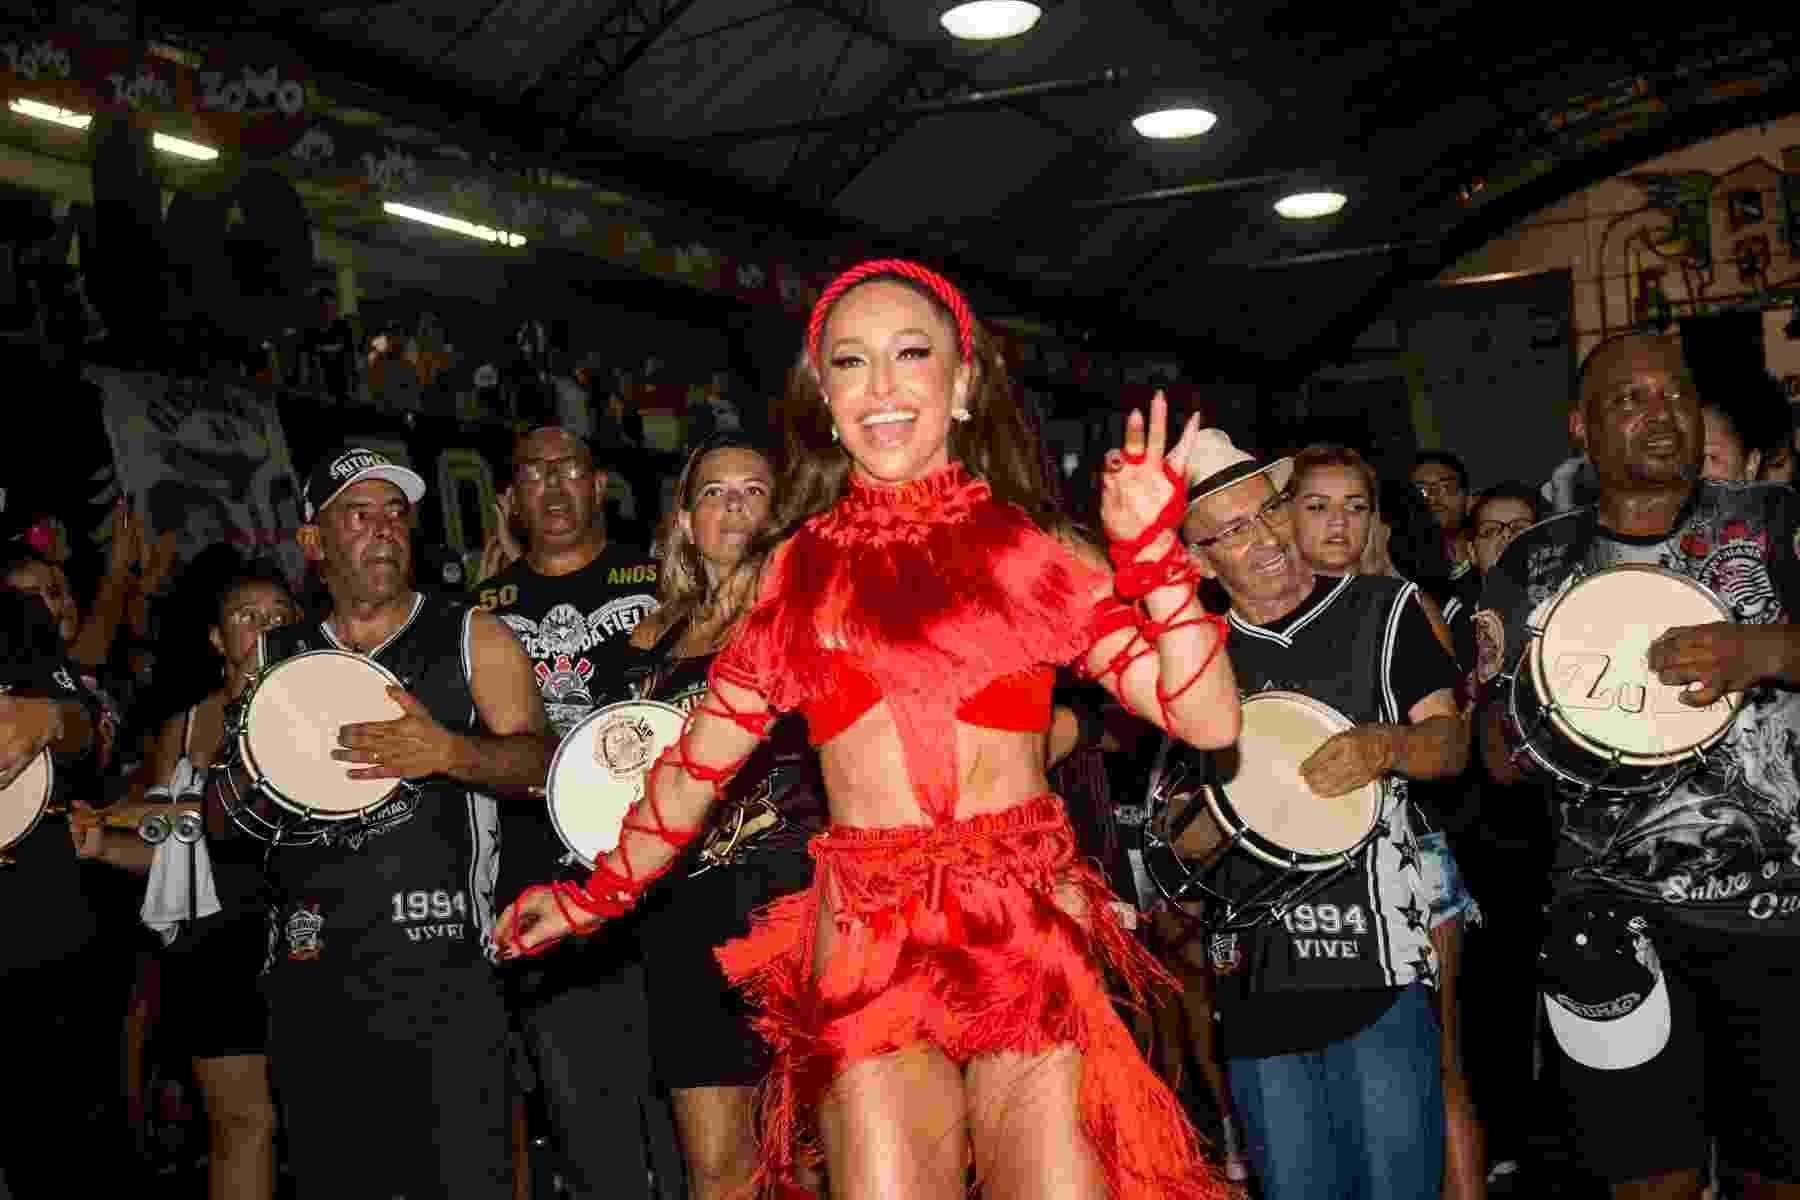 Sabrina Sato mostrou que está preparada para o Carnaval 2020. Ela, que é rainha de bateria da Gaviões da Fiel, ensaiou na quadra da escola paulista na madrugada deste sábado com um look ousado vermelho - Patrícia Devoraes/Brazil News